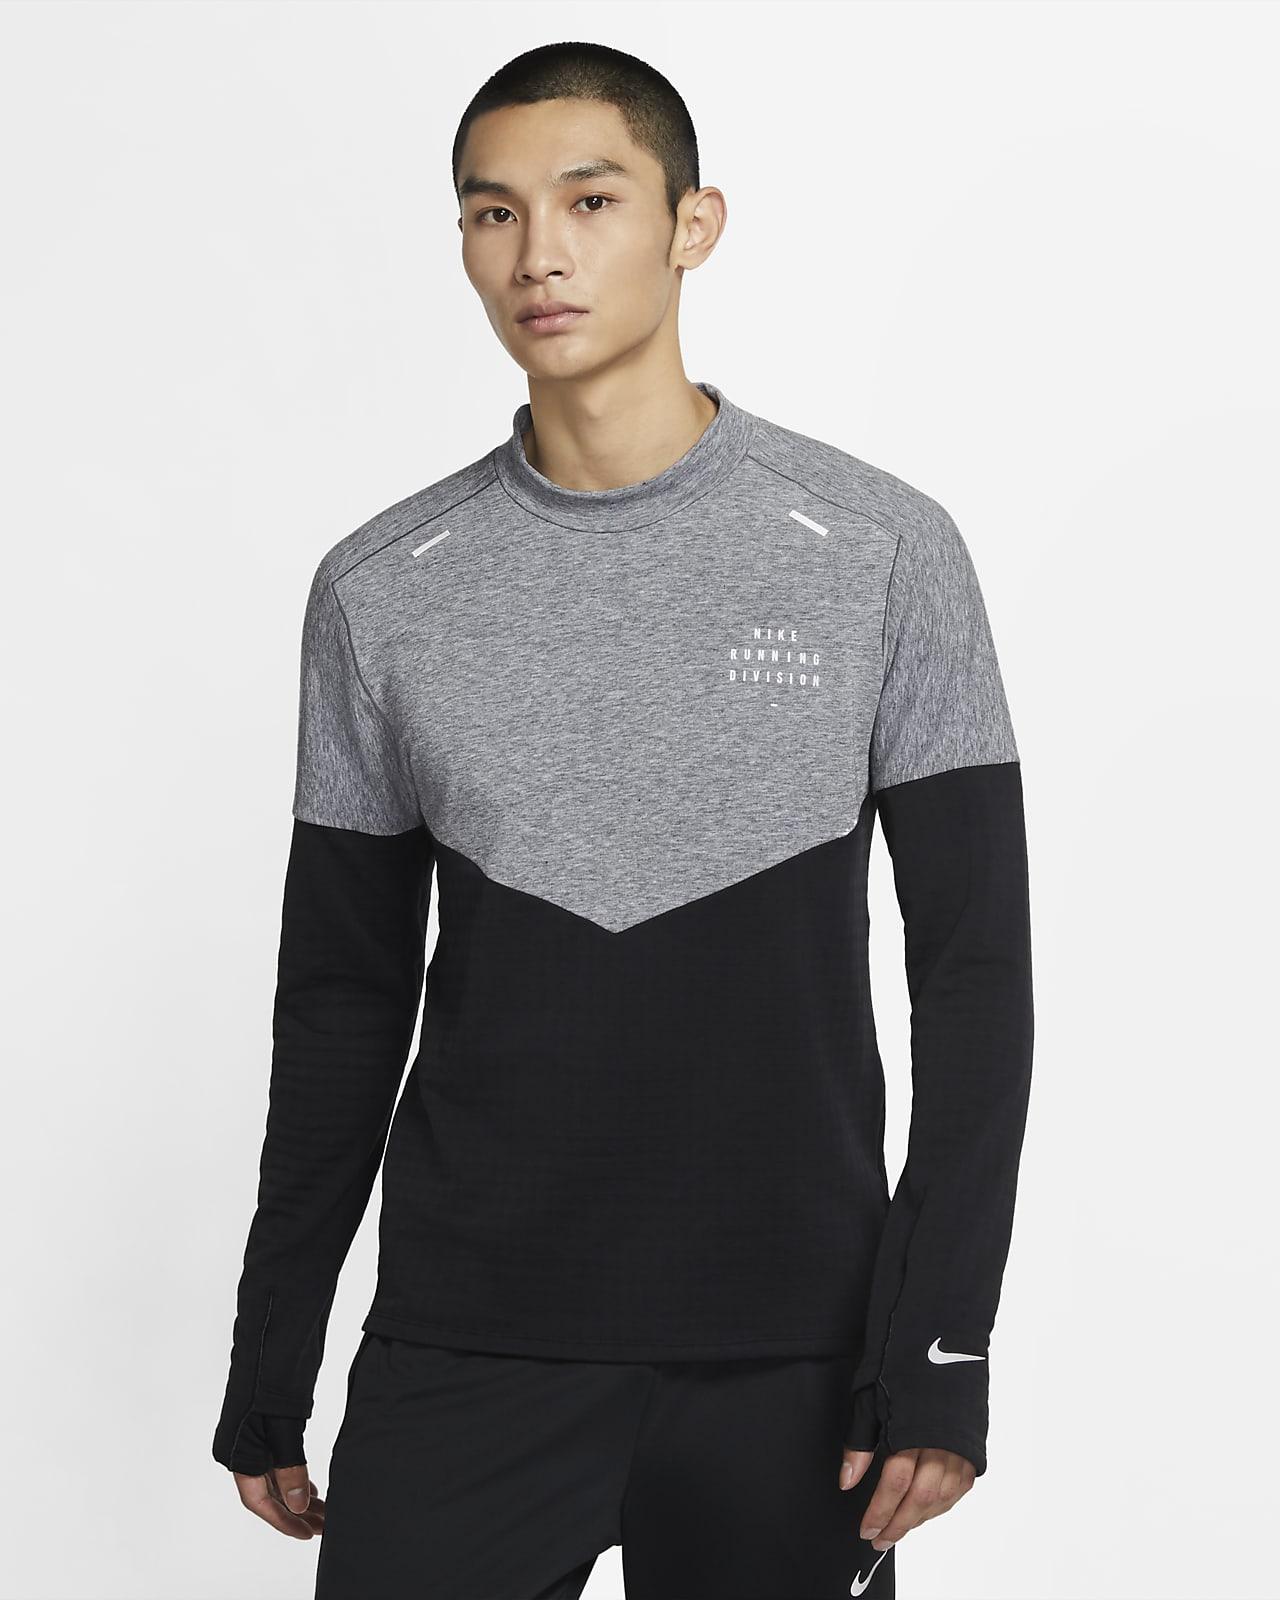 Haut de running en laine Nike Sphere Run Division pour Homme